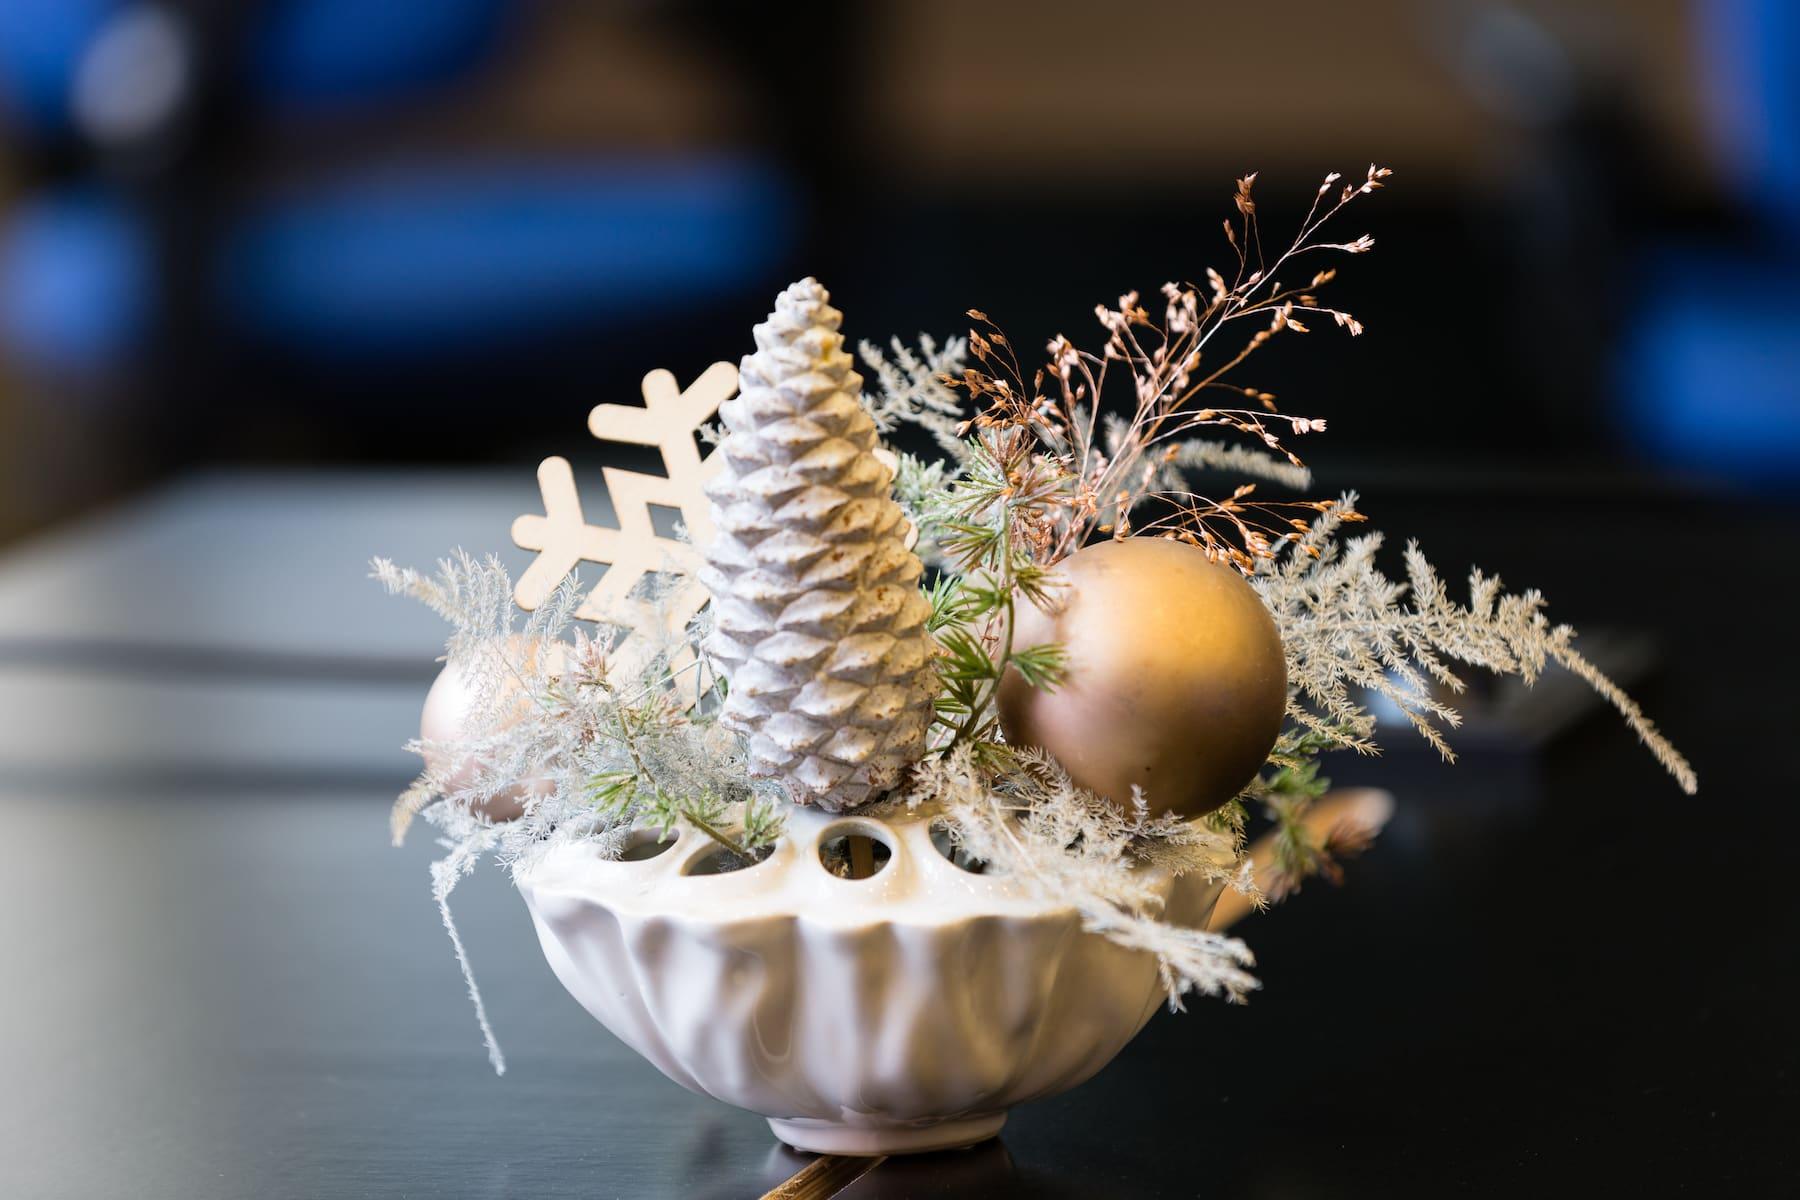 Bas de Boer Eventstyling Weihnachtsdekoration Tischdekoration weihnachtsfeier Tannenzapfen www.basdeboer eventstyling.de  - Weihnachtsfeier Eventstyling